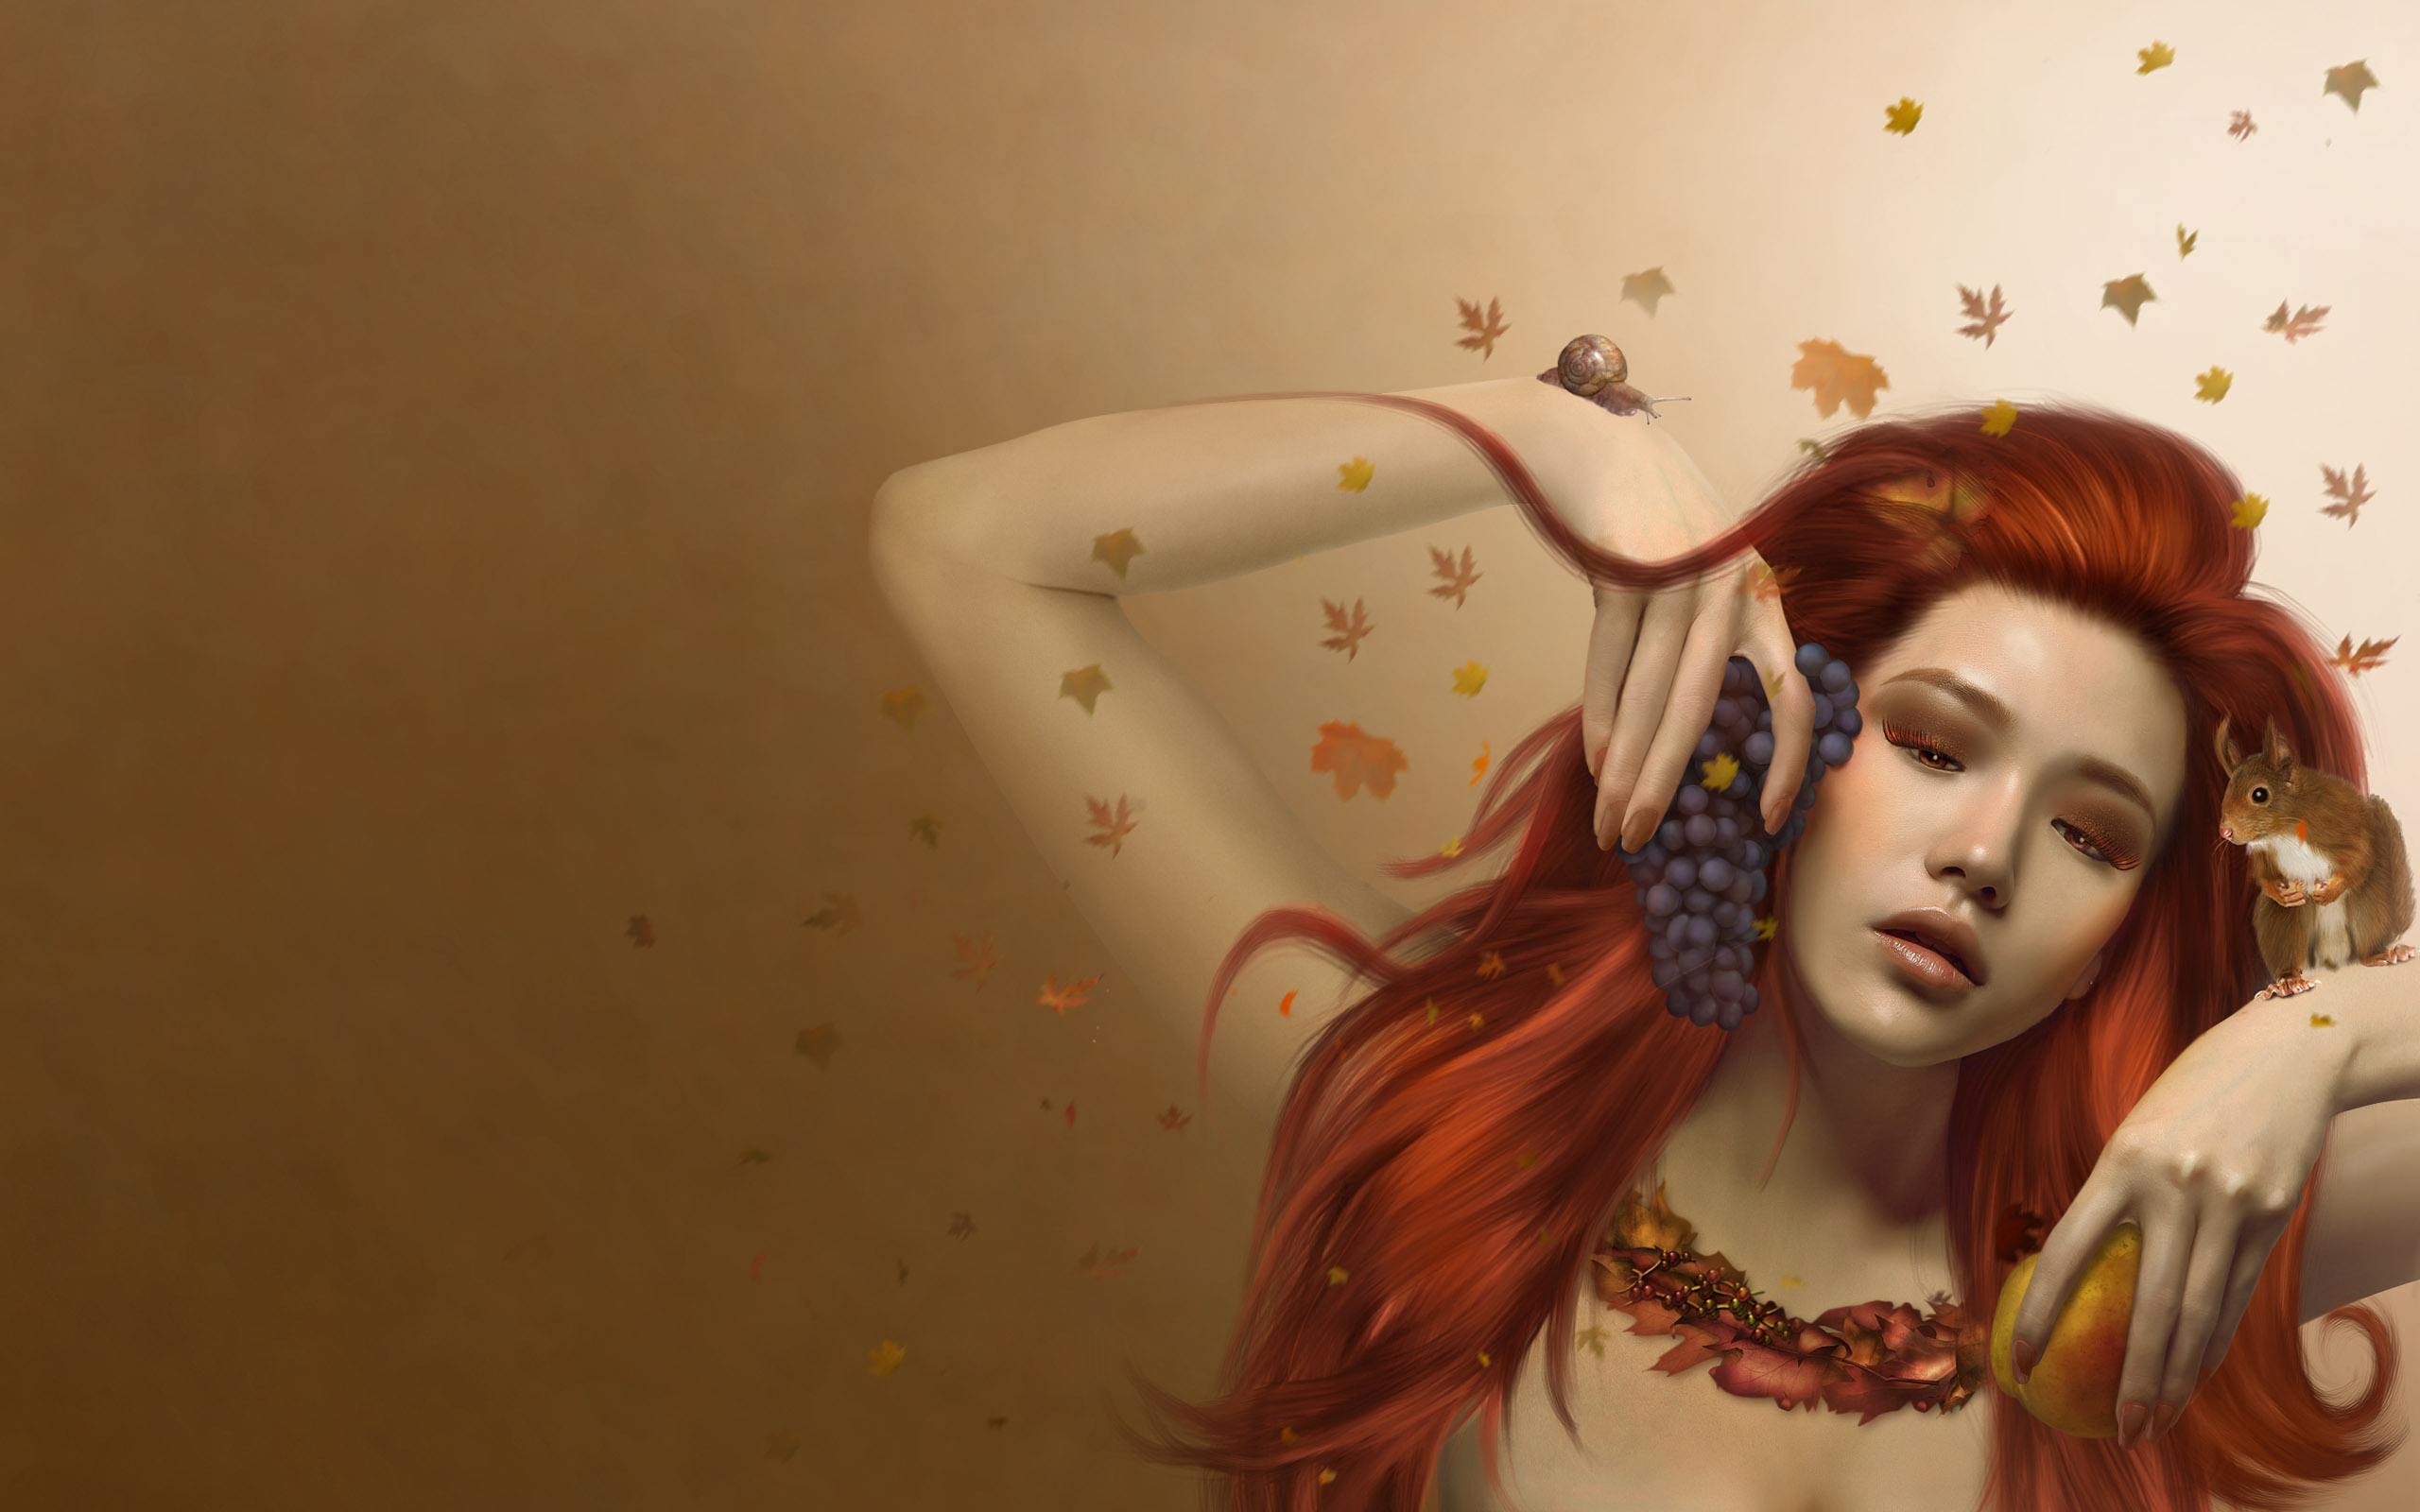 20 amazing amp; beautiful digital art desktop wallpapers in hd